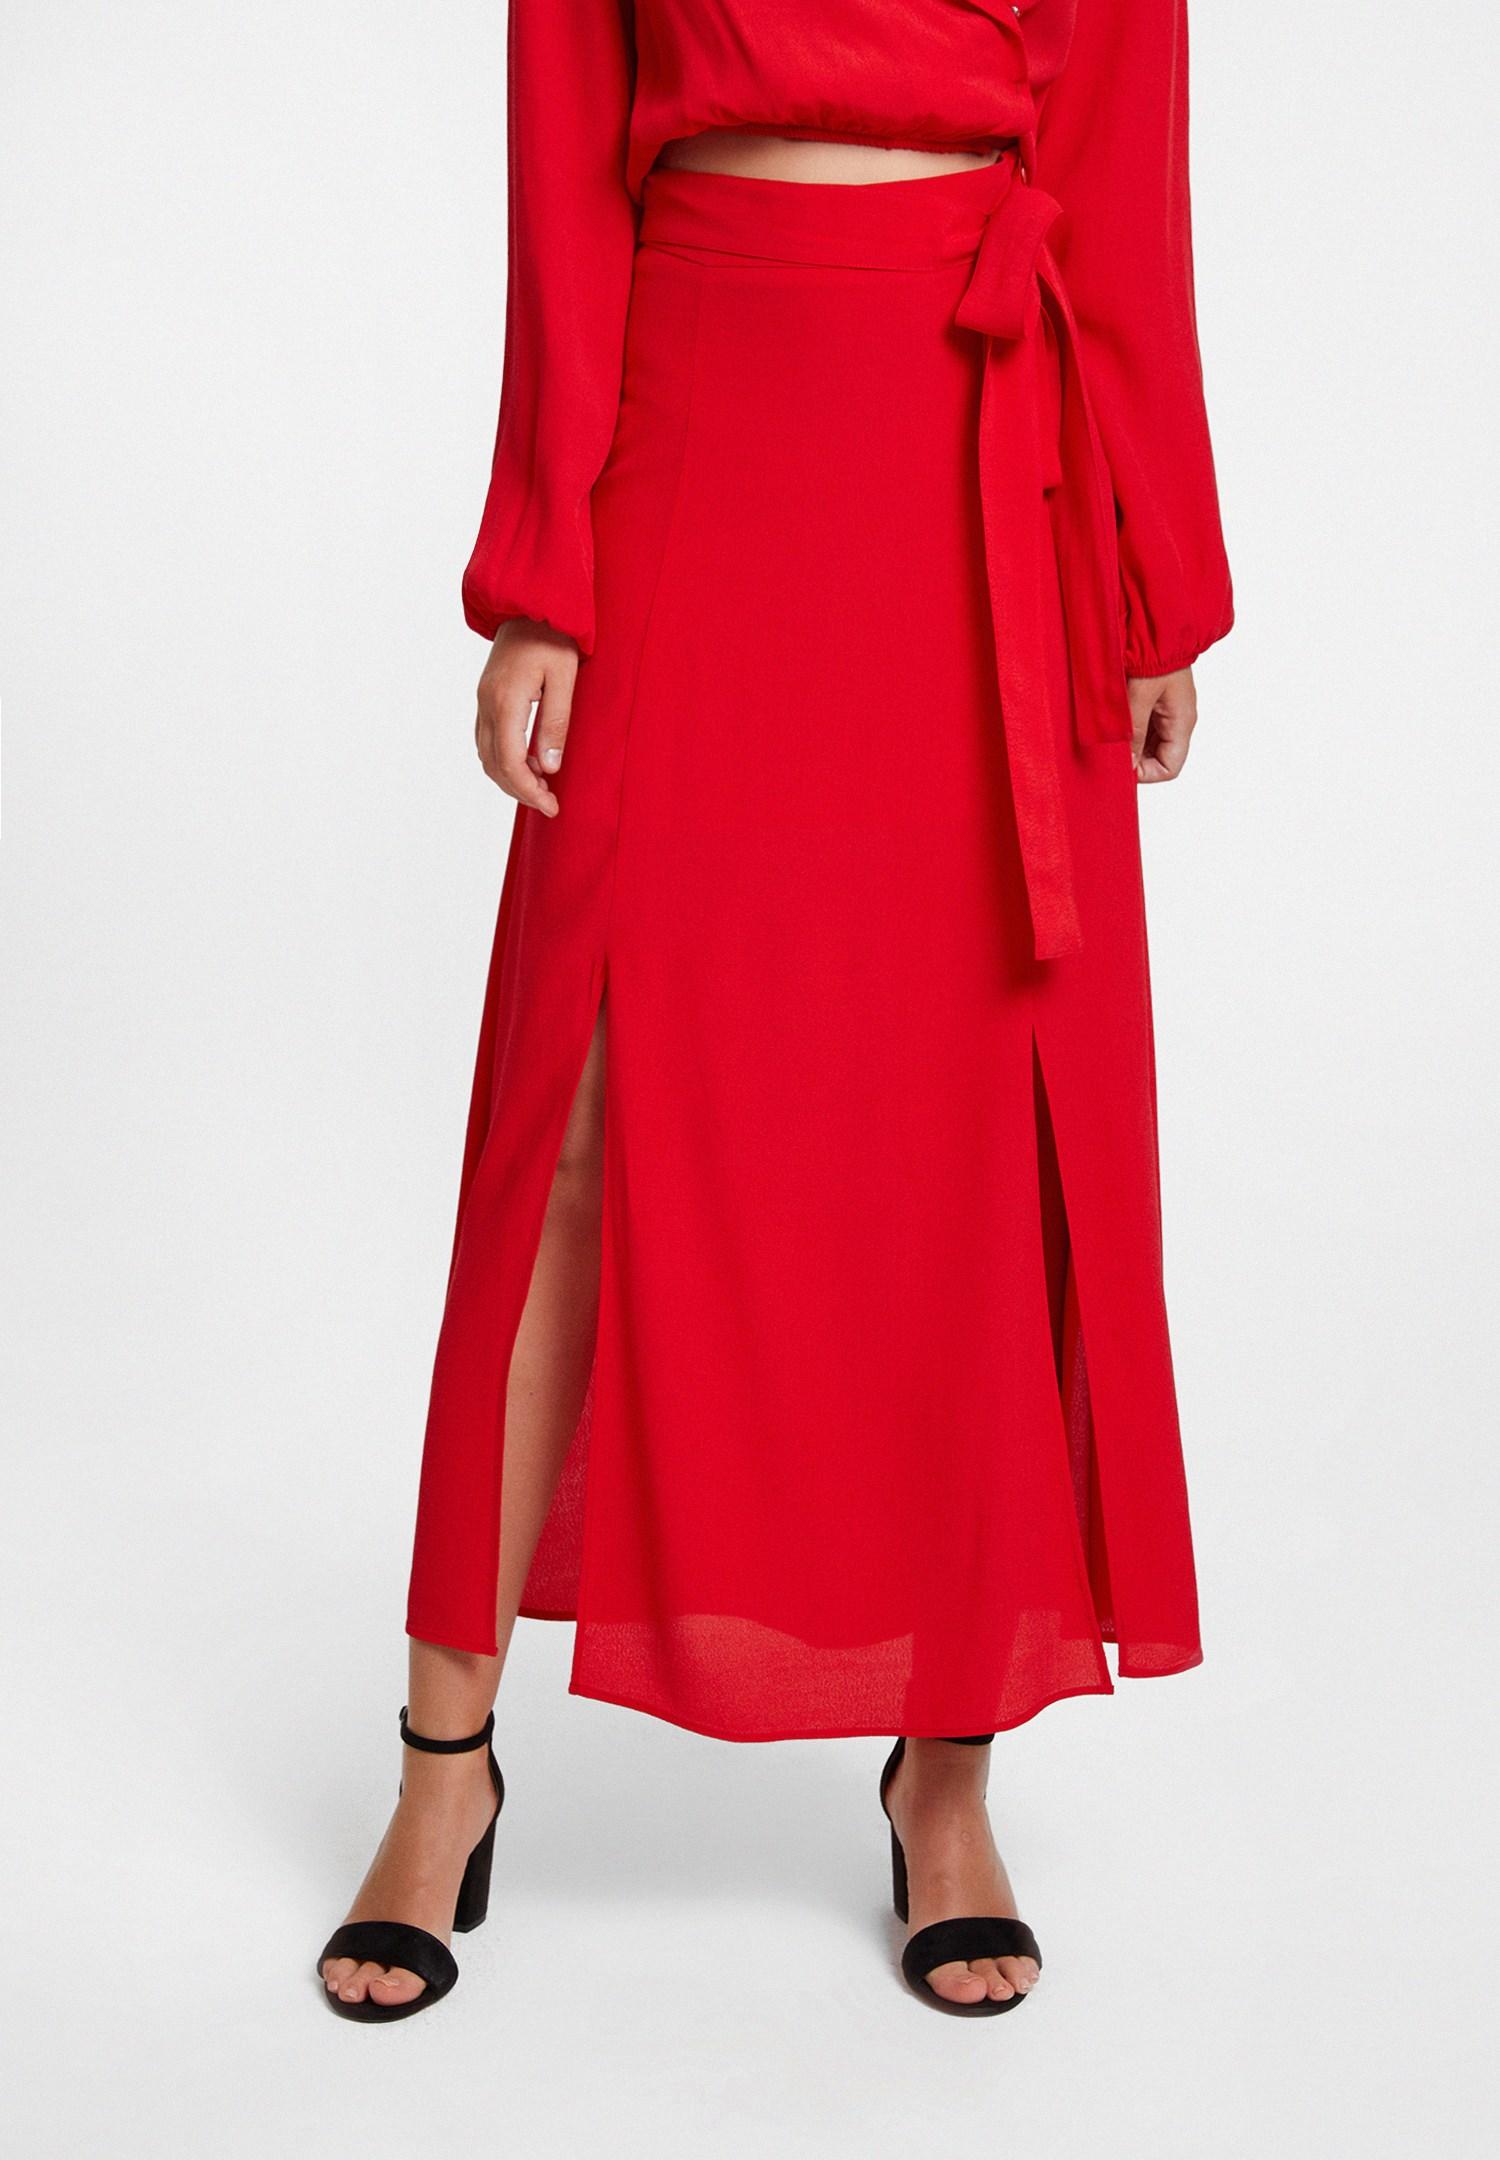 Bayan Kırmızı Beli Bağlamalı Yırtmaç Detaylı Etek